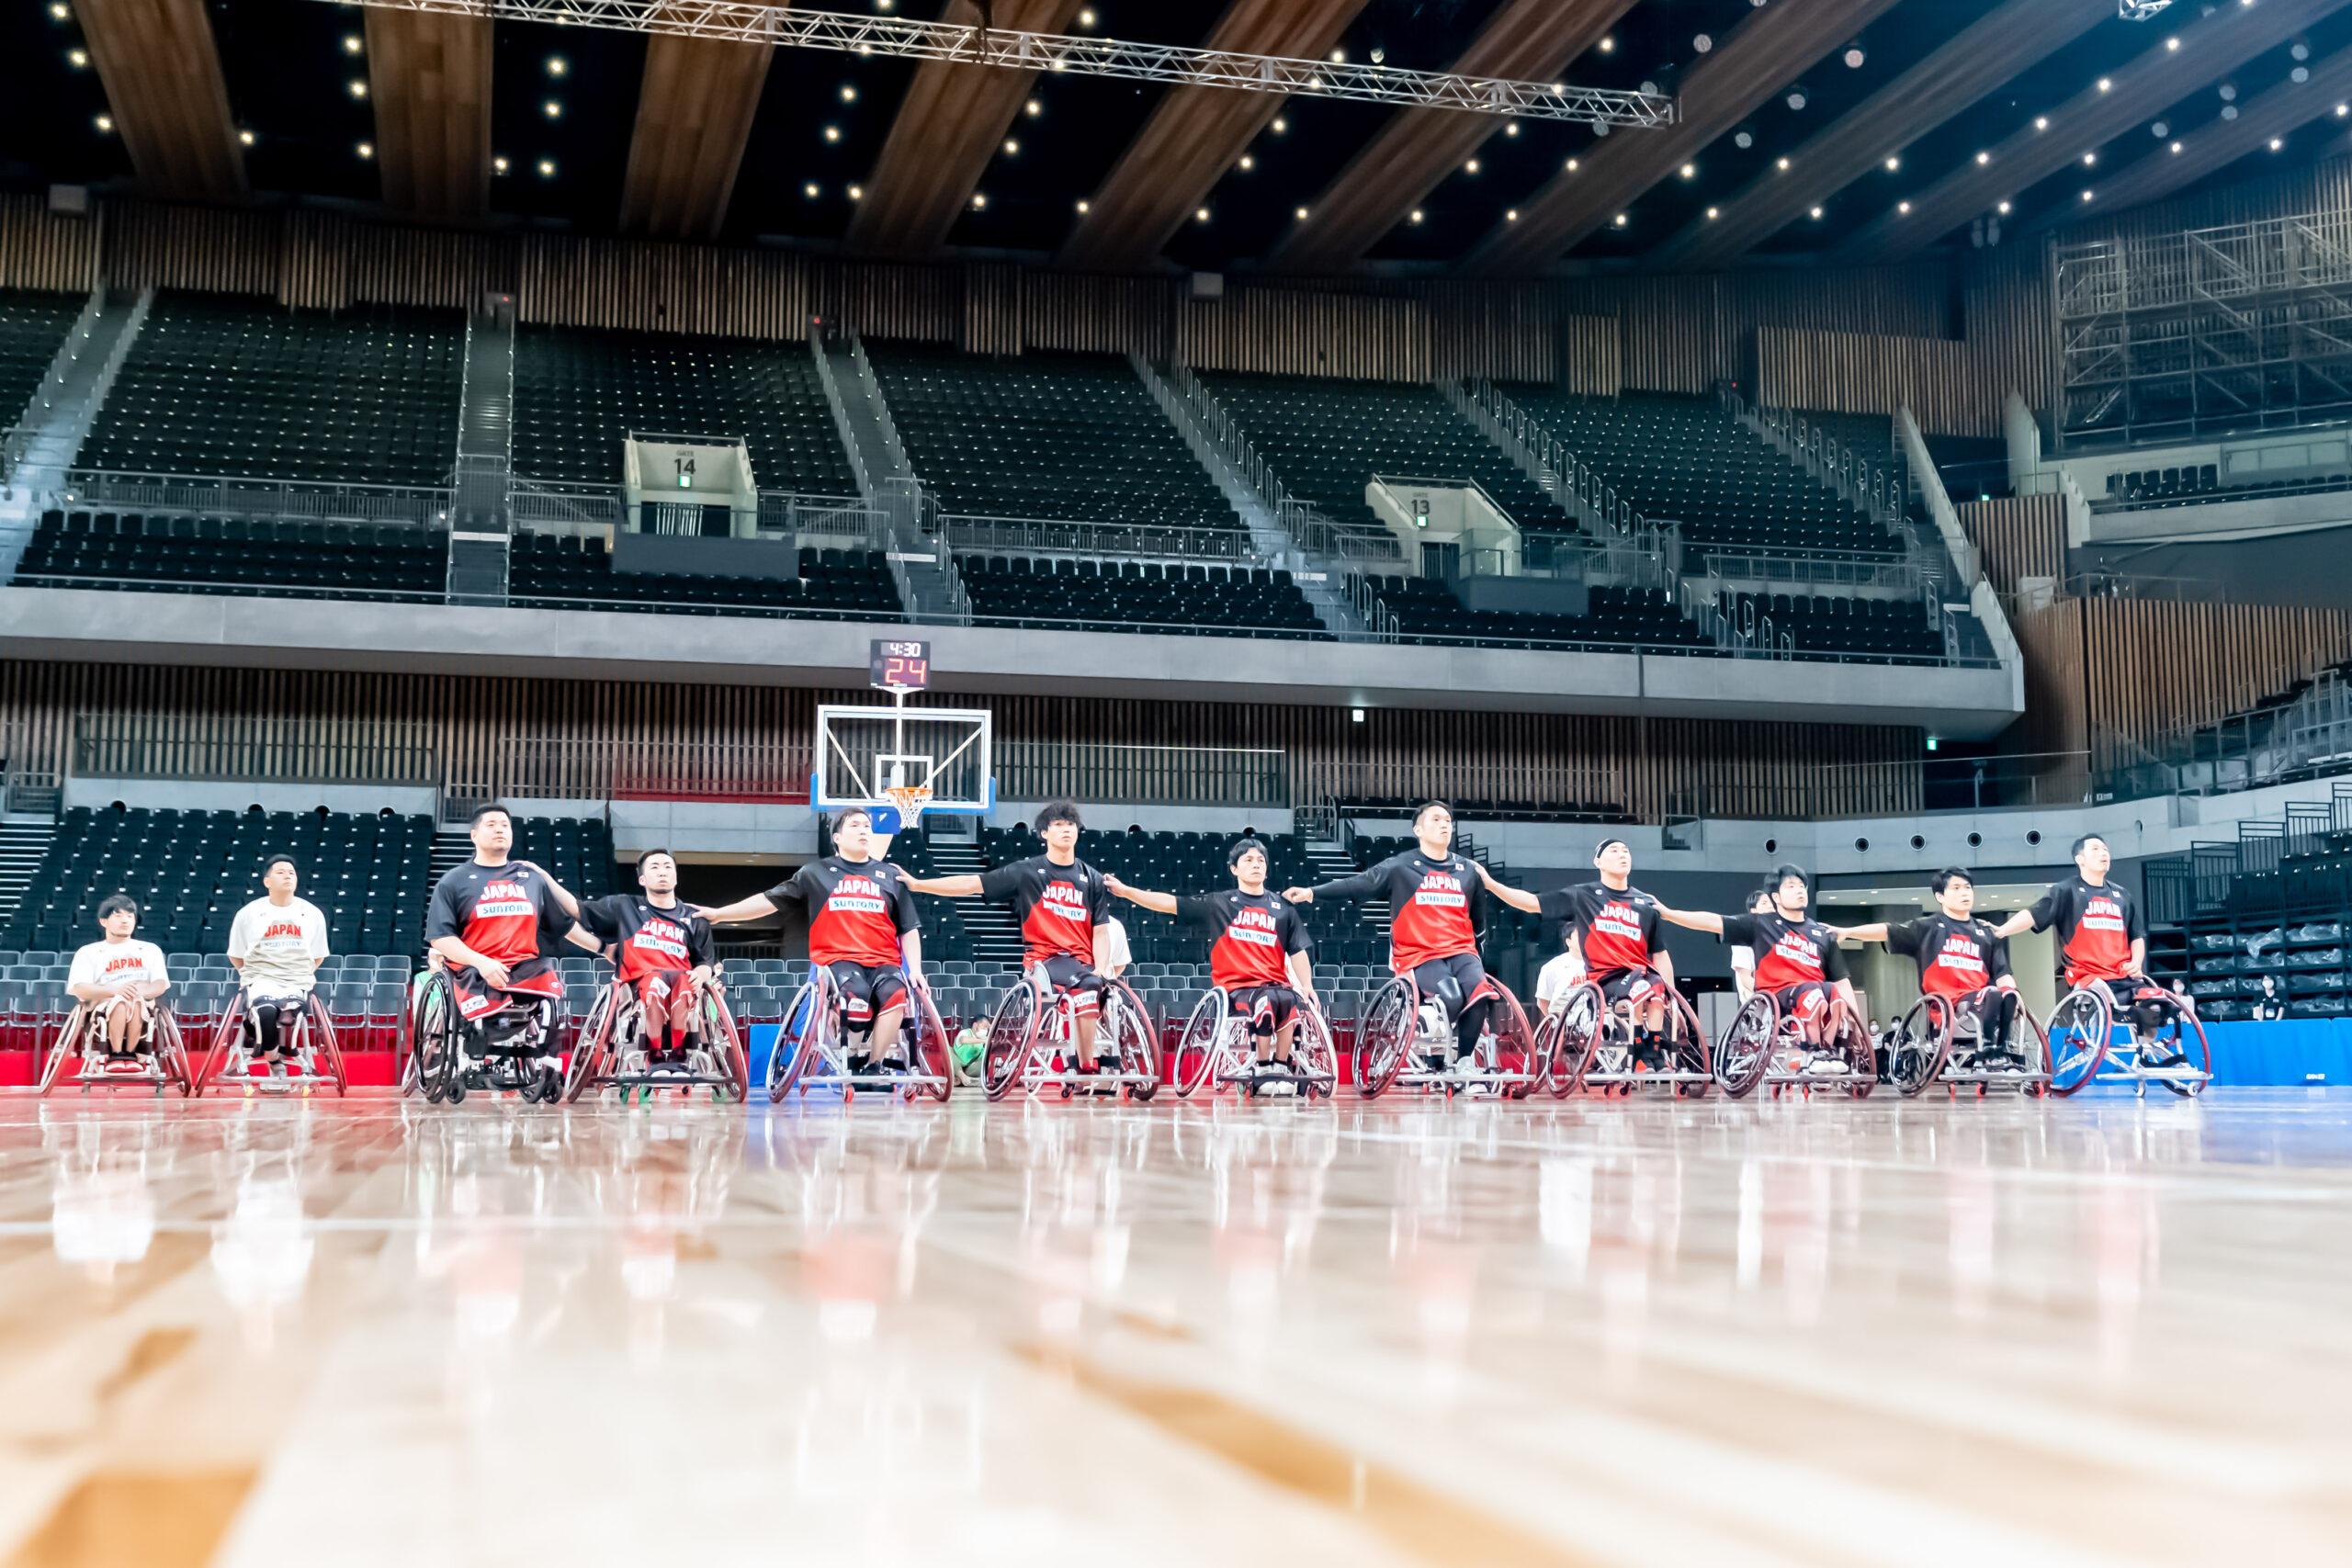 車いすバスケ、パラ本番会場で特別強化試合。1年半ぶりプレー披露